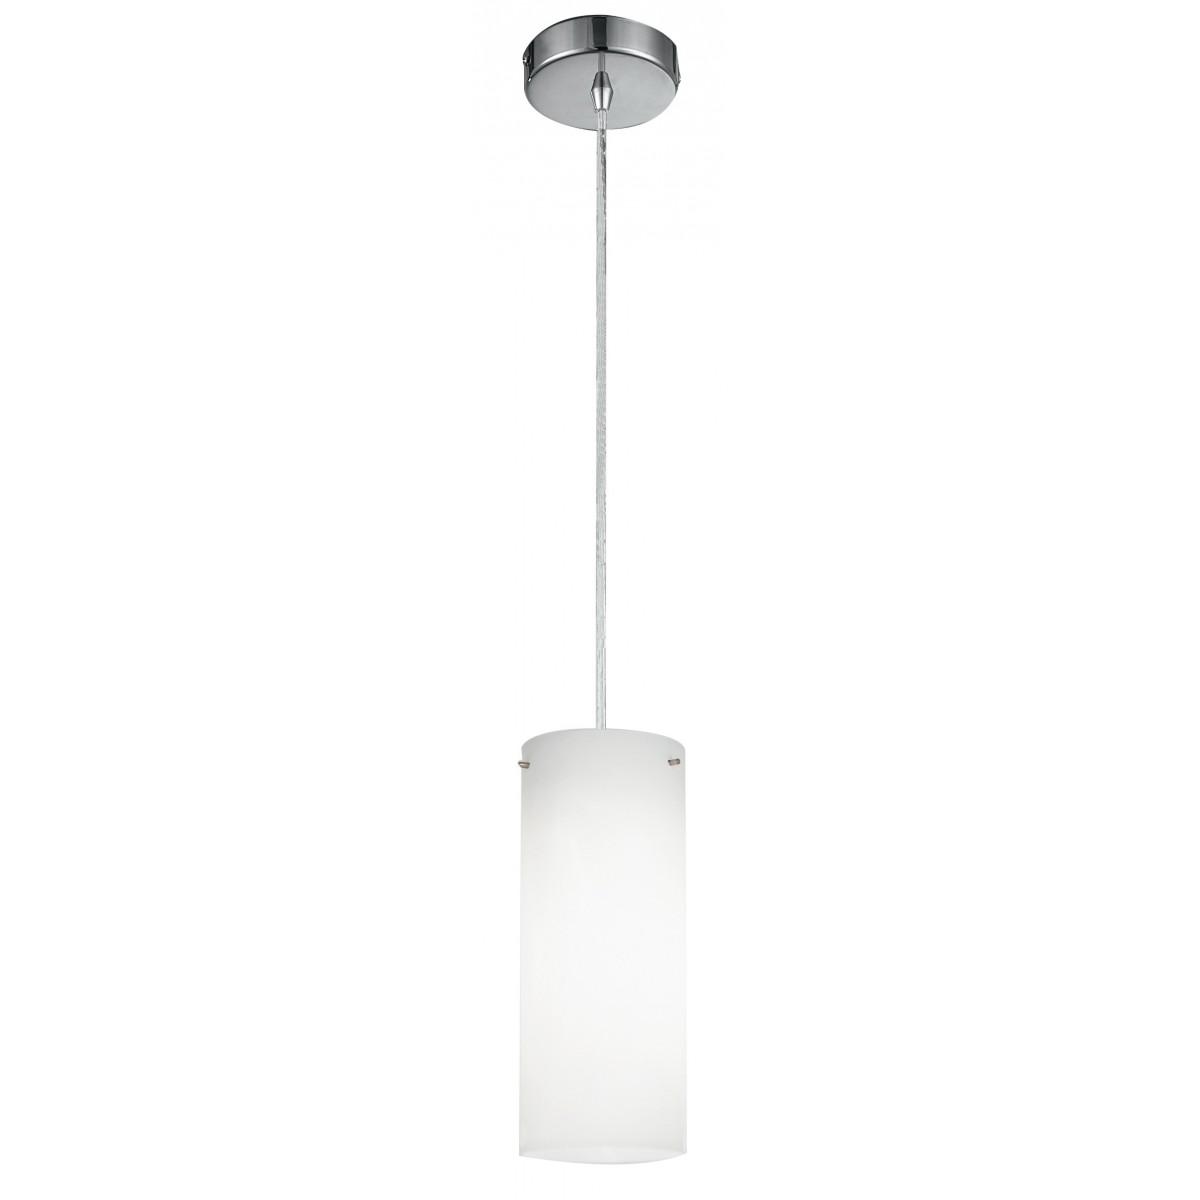 I-STREET/S1 - Sospensione Pendente Cilindrica Vetro Bianco Metallo E27